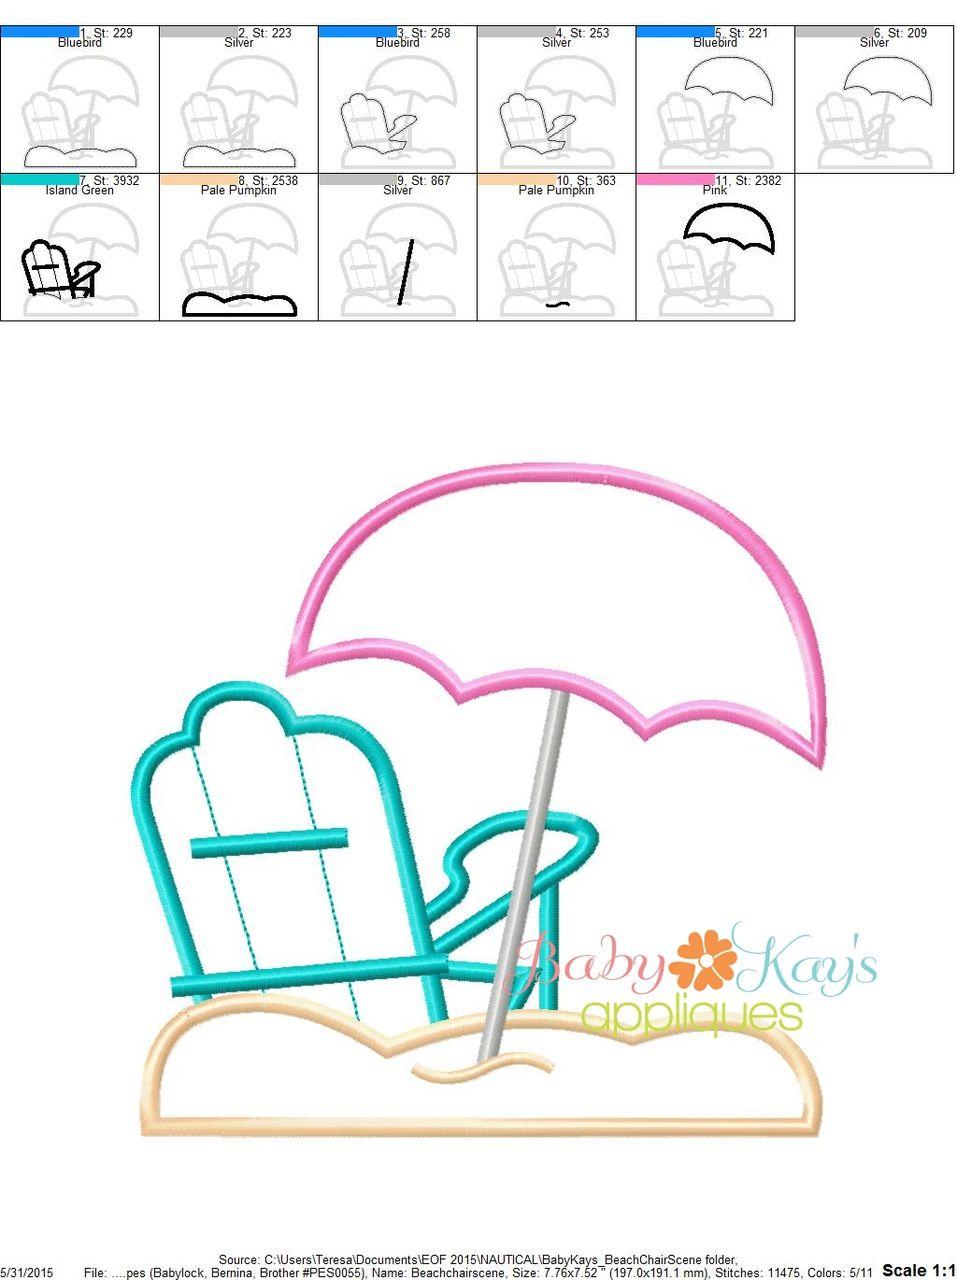 Beach chair scene 4x4 5x7 6x10 8x8 beach chairs